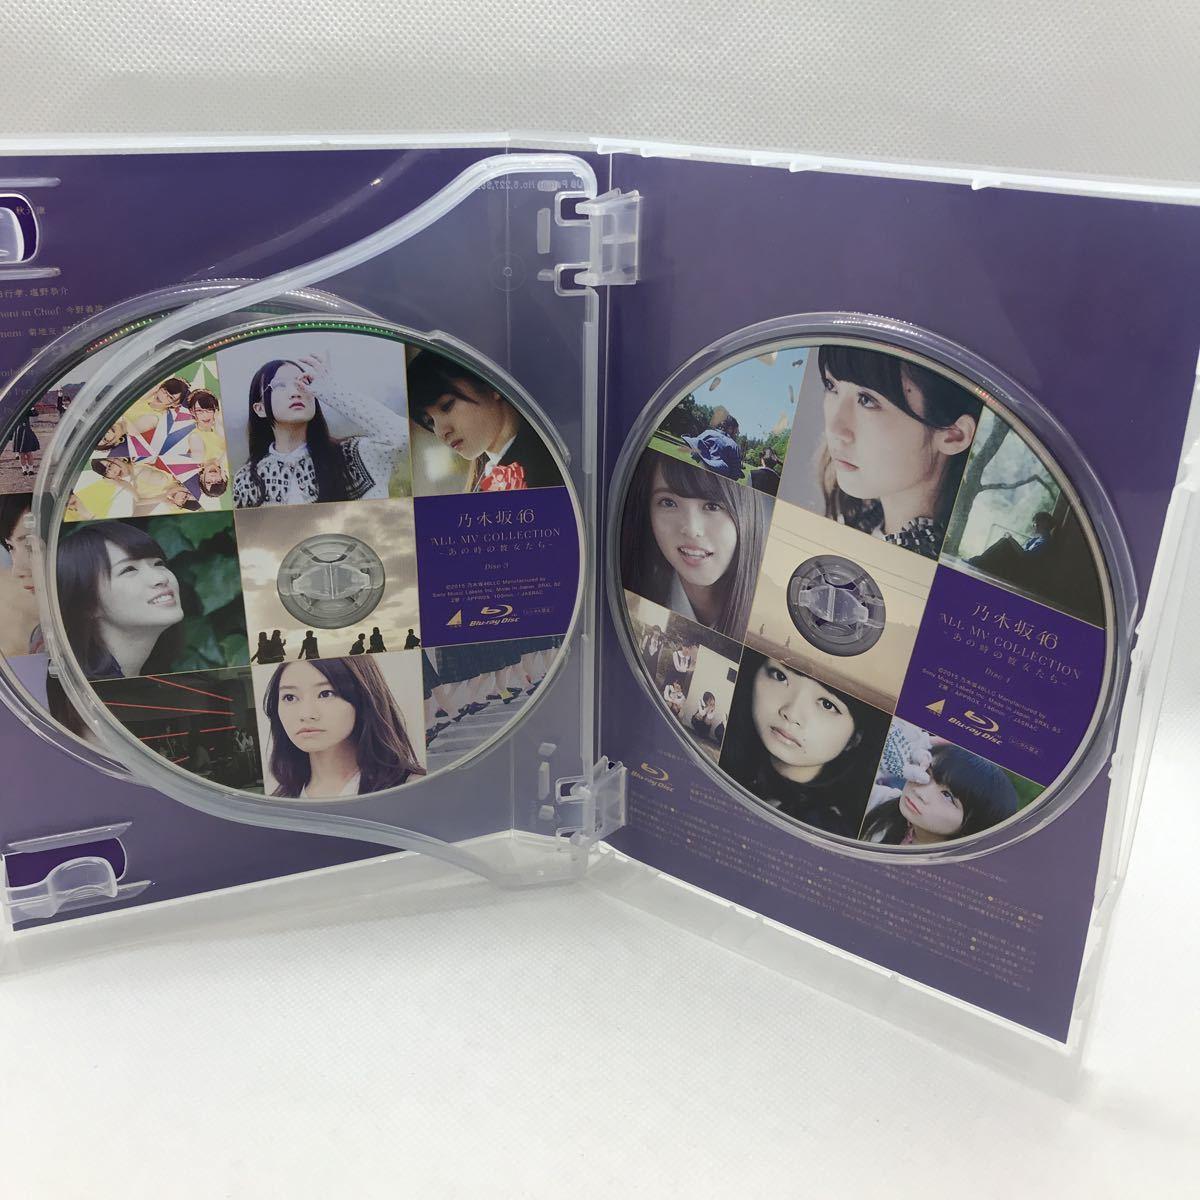 乃木坂46 ALL MV COLLECTION ~あの時の彼女たち~ 完全生産限定盤 Blu-ray 4枚組_画像4